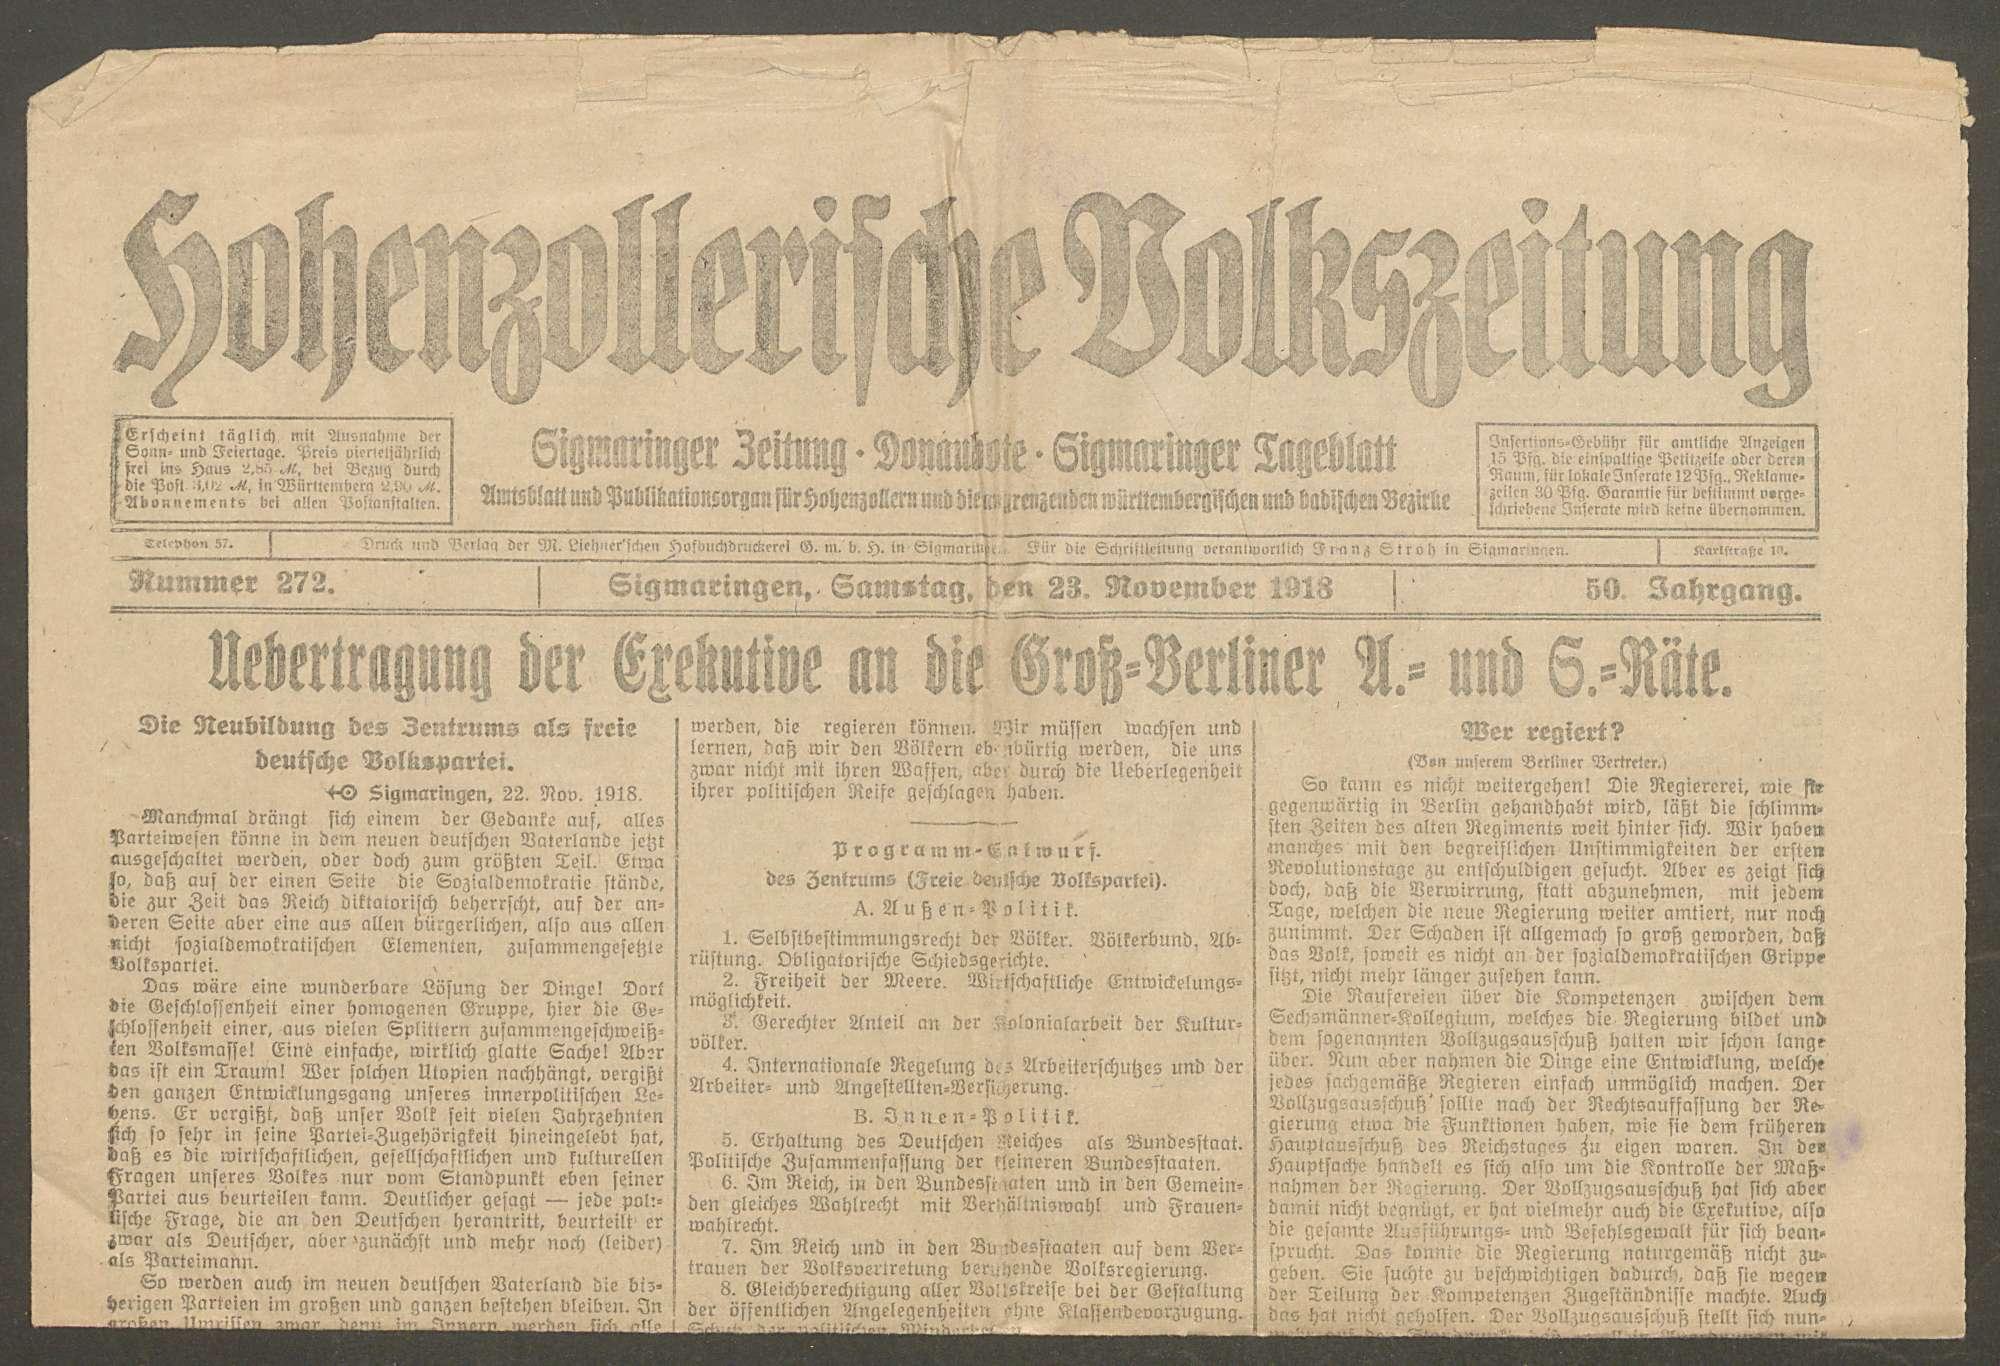 Politische Umwälzungen in Deutschland und Österreich und ihr Einfluss auf das Fürstliche Haus und die Fürstliche Verwaltung, Bild 2